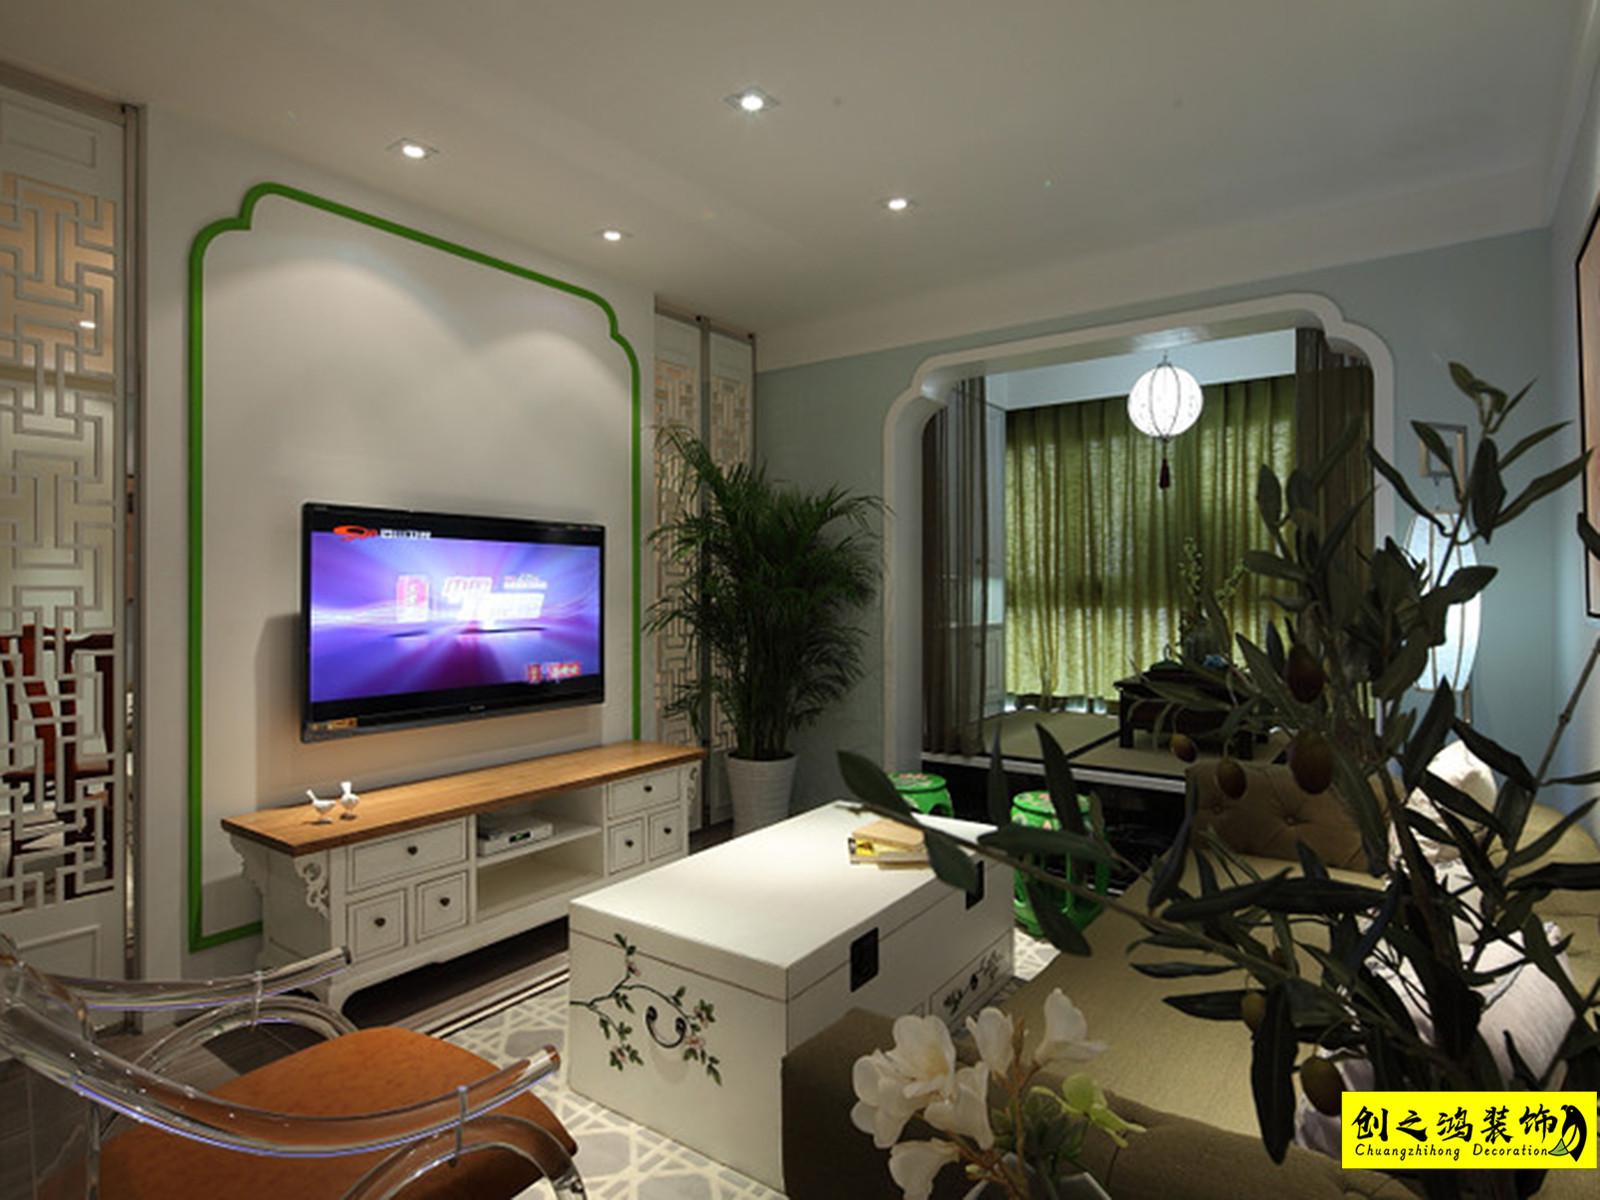 136㎡天房六合国际三室两厅中式风格装修效果图